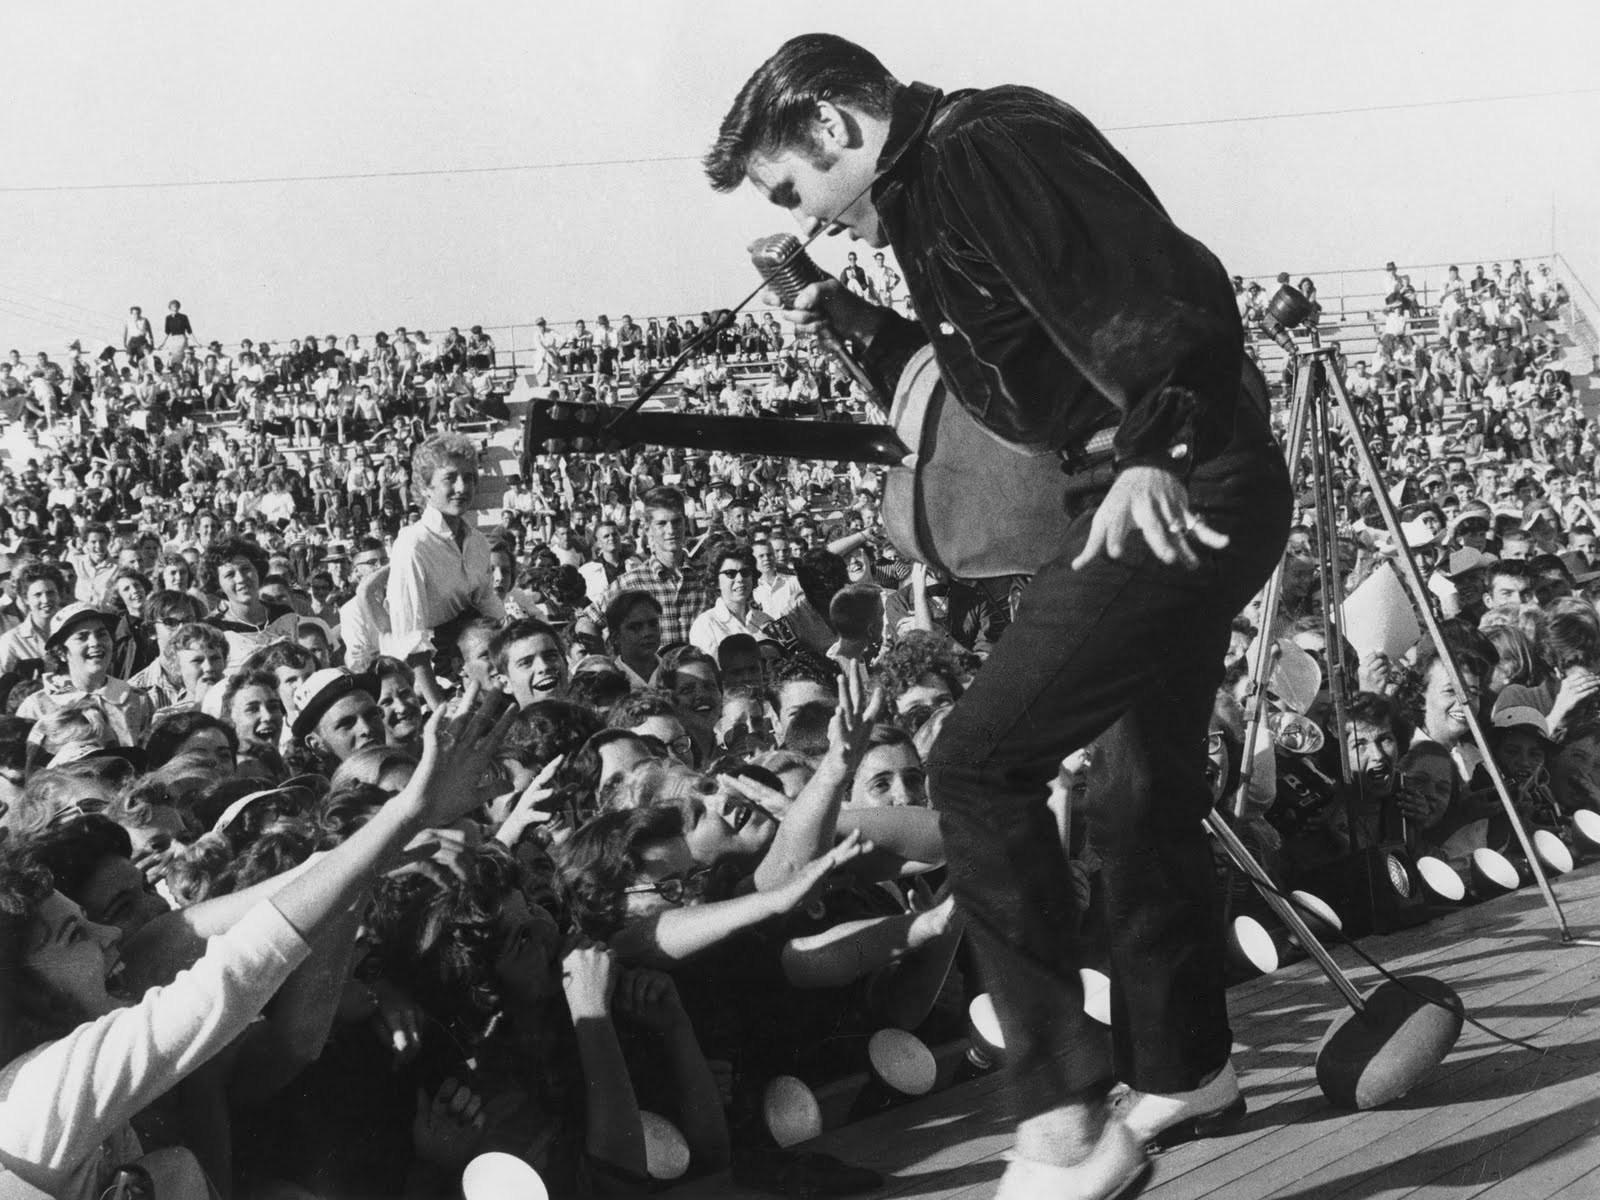 Hace 40 Años Moría Elvis Presley La Primera Estrella De Rock